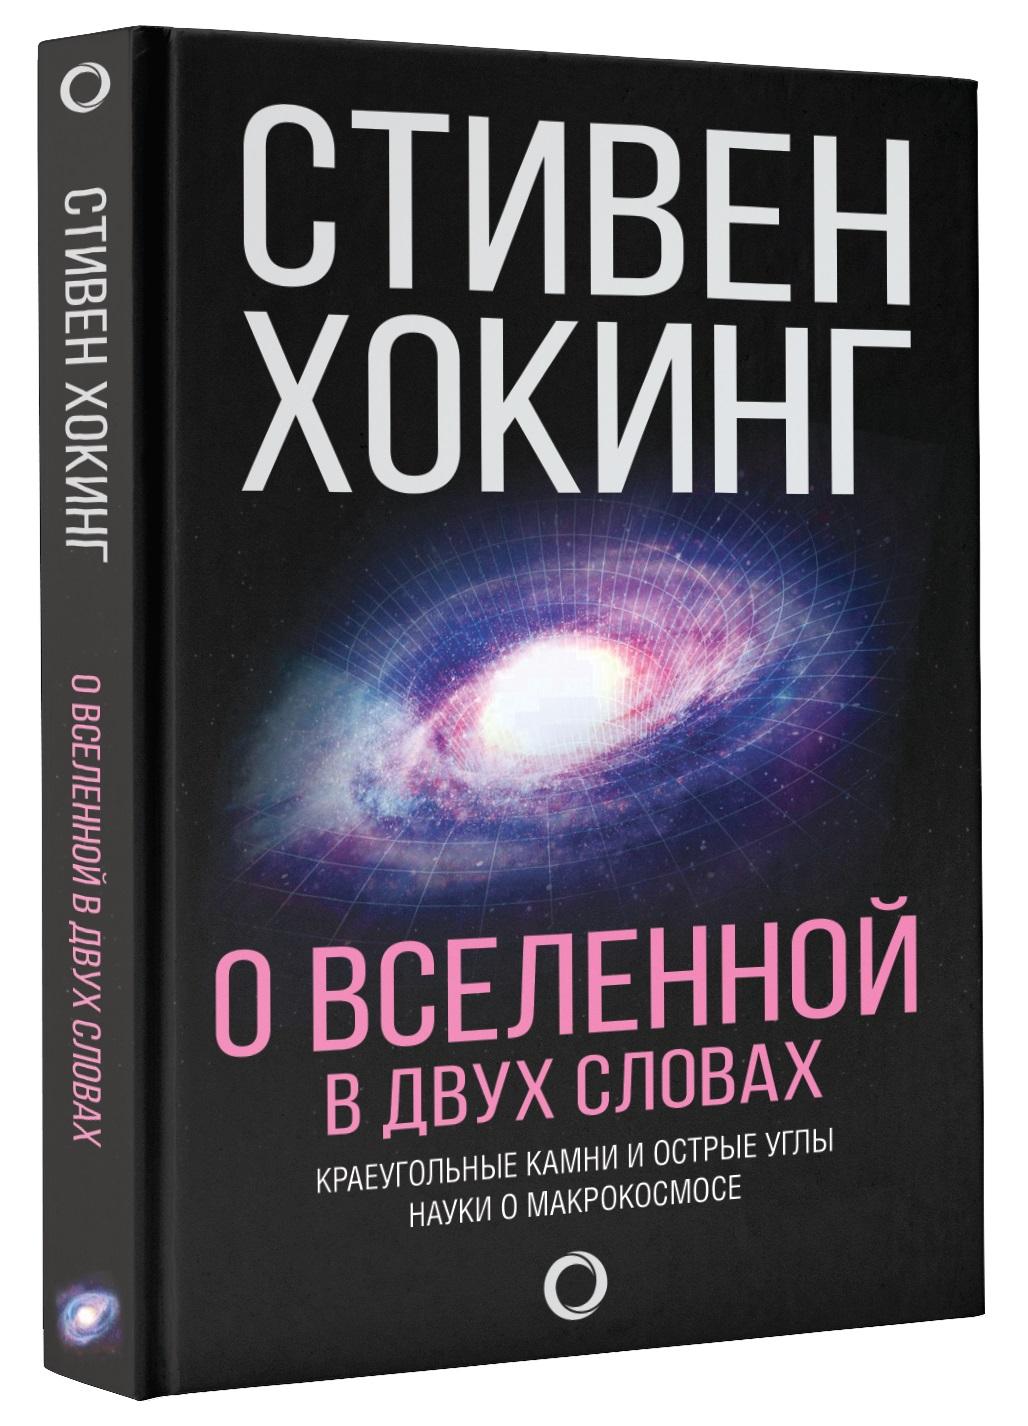 Стивен Хокинг О Вселенной в двух словах парсонс п диксон г ред стивен хокинг за 30 секунд его жизнь теории и вклад в науку в 30 секундных отрывках